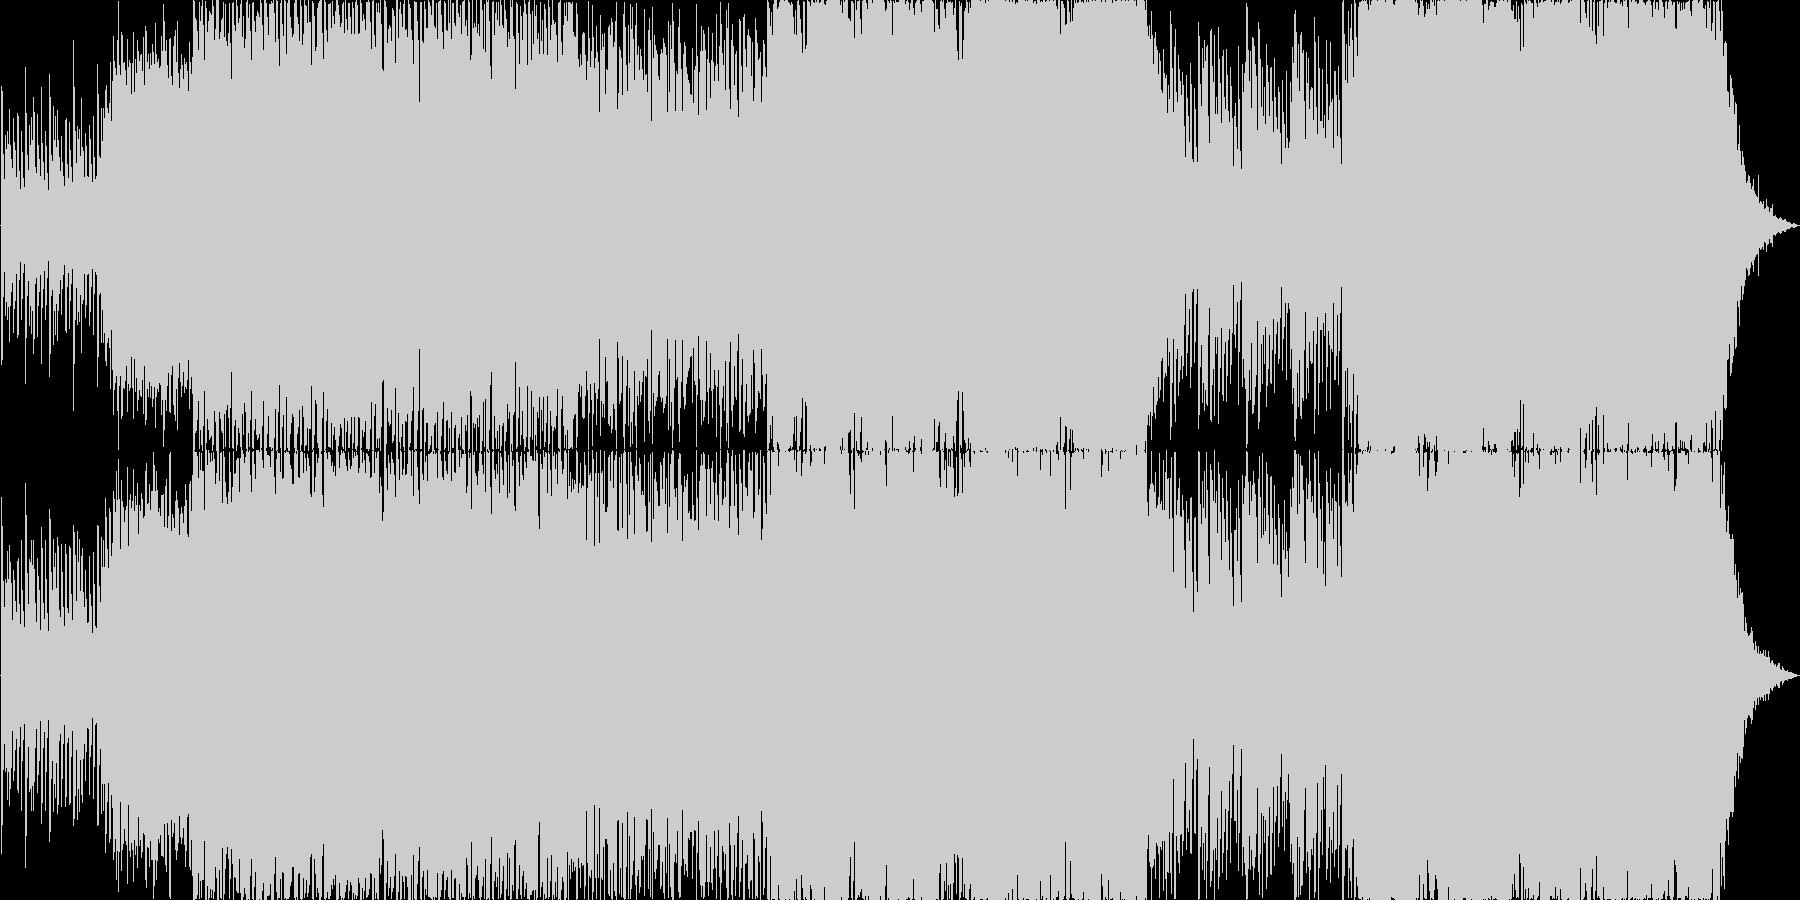 トライバルな疾走感の曲の未再生の波形